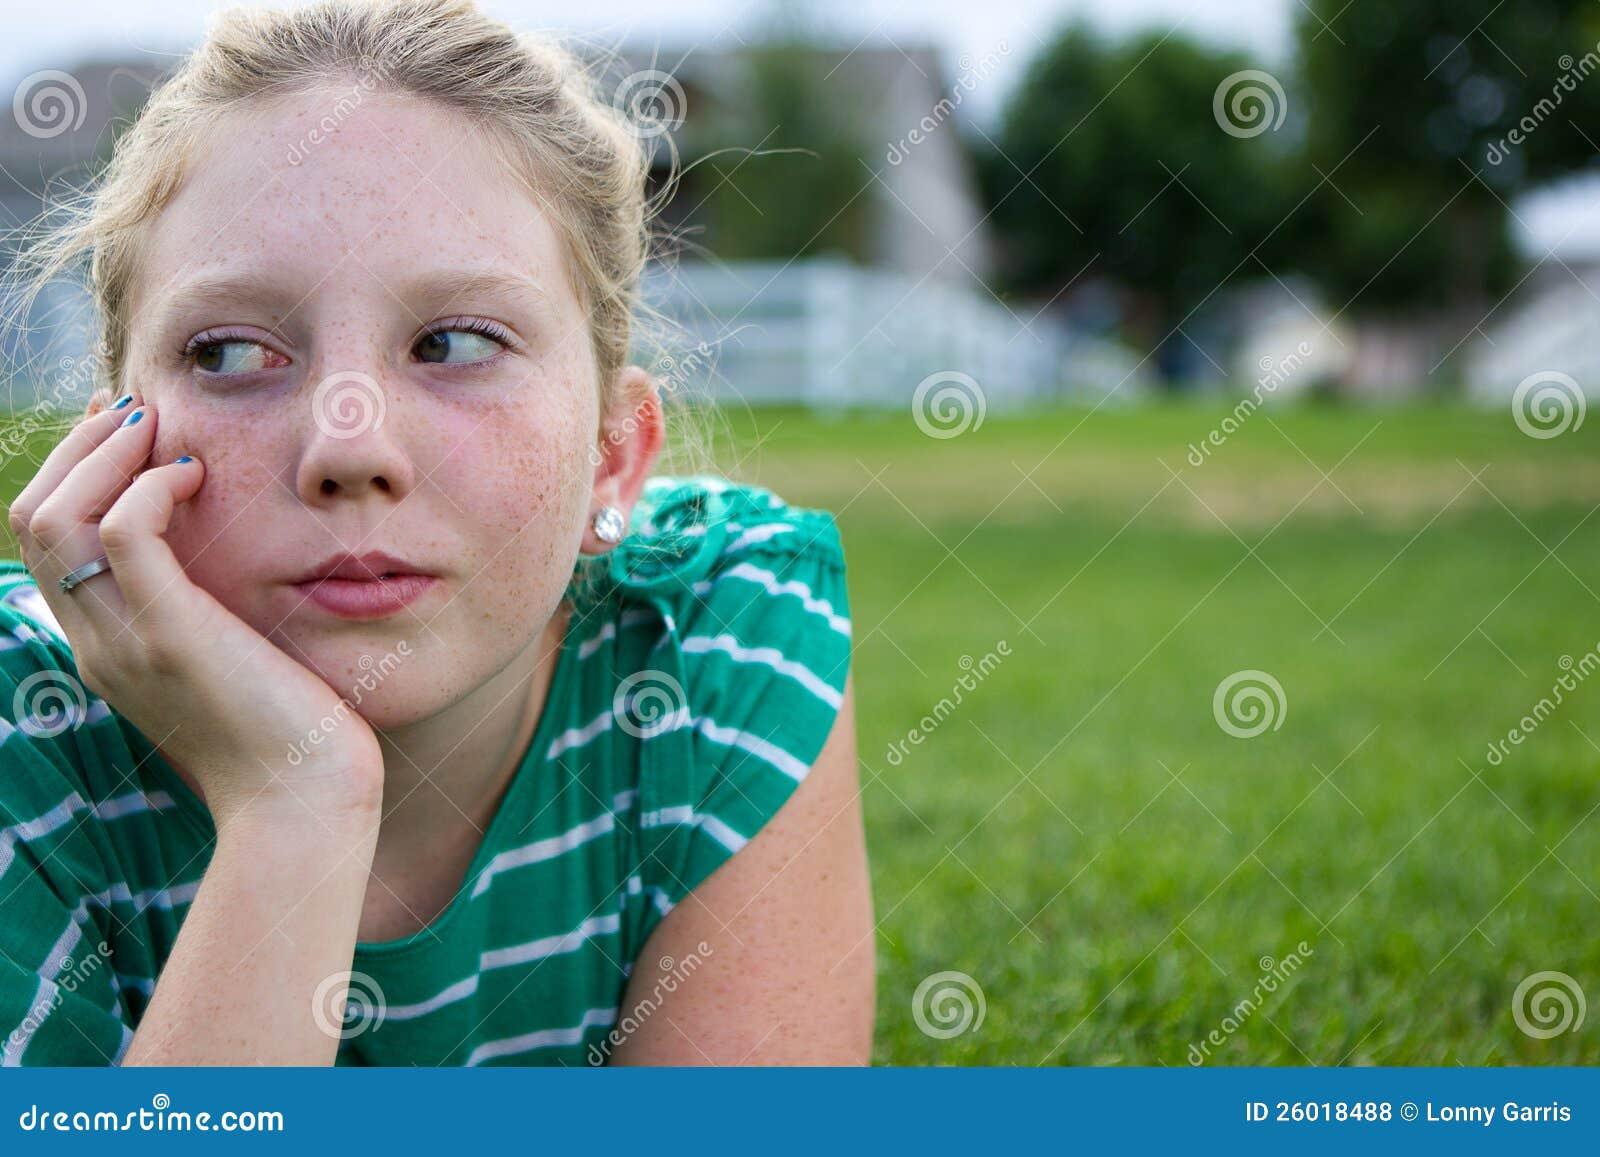 Созревание девочек фото 16 фотография